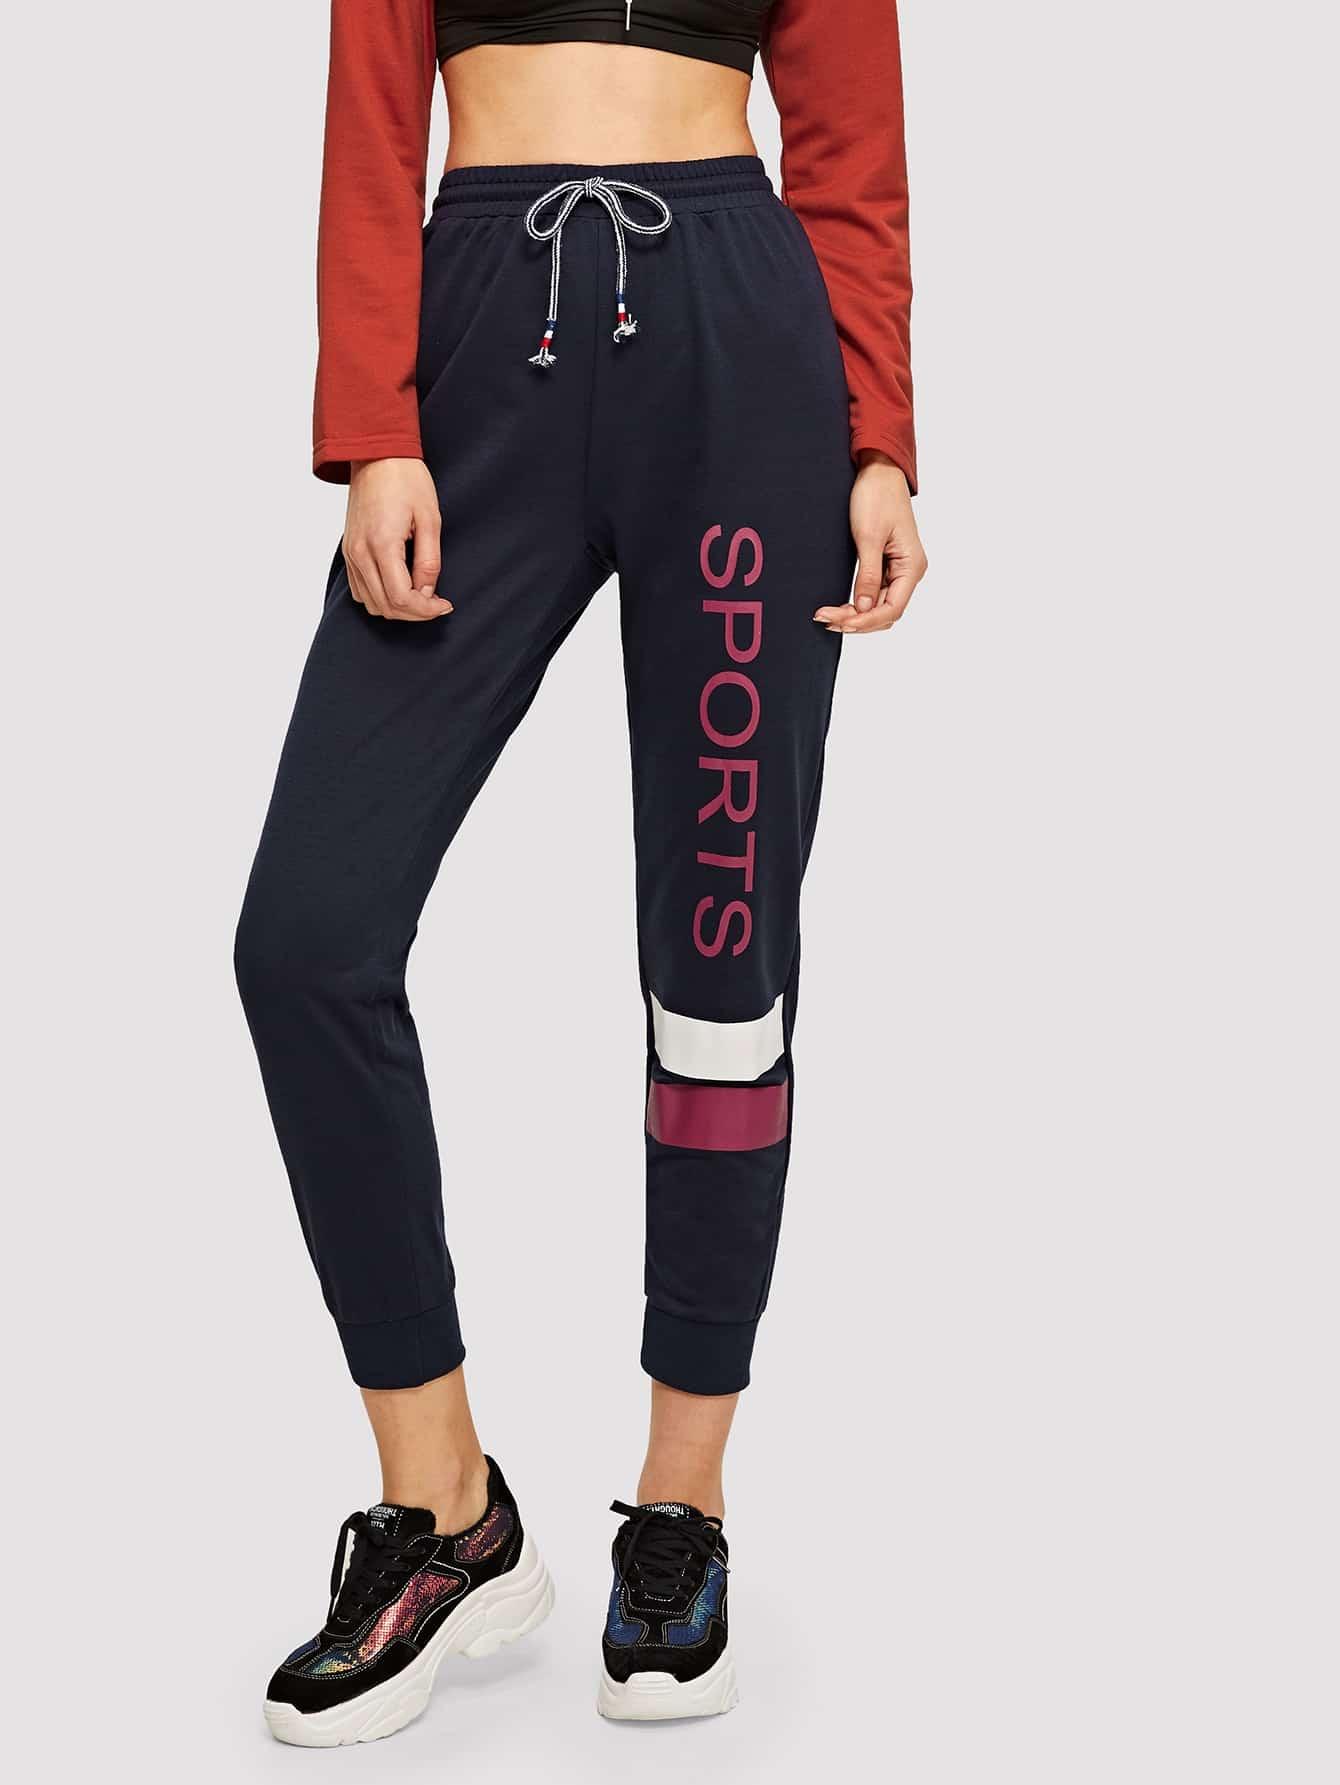 Купить Спортивные брюки с текстовым принтом, Lryna, SheIn